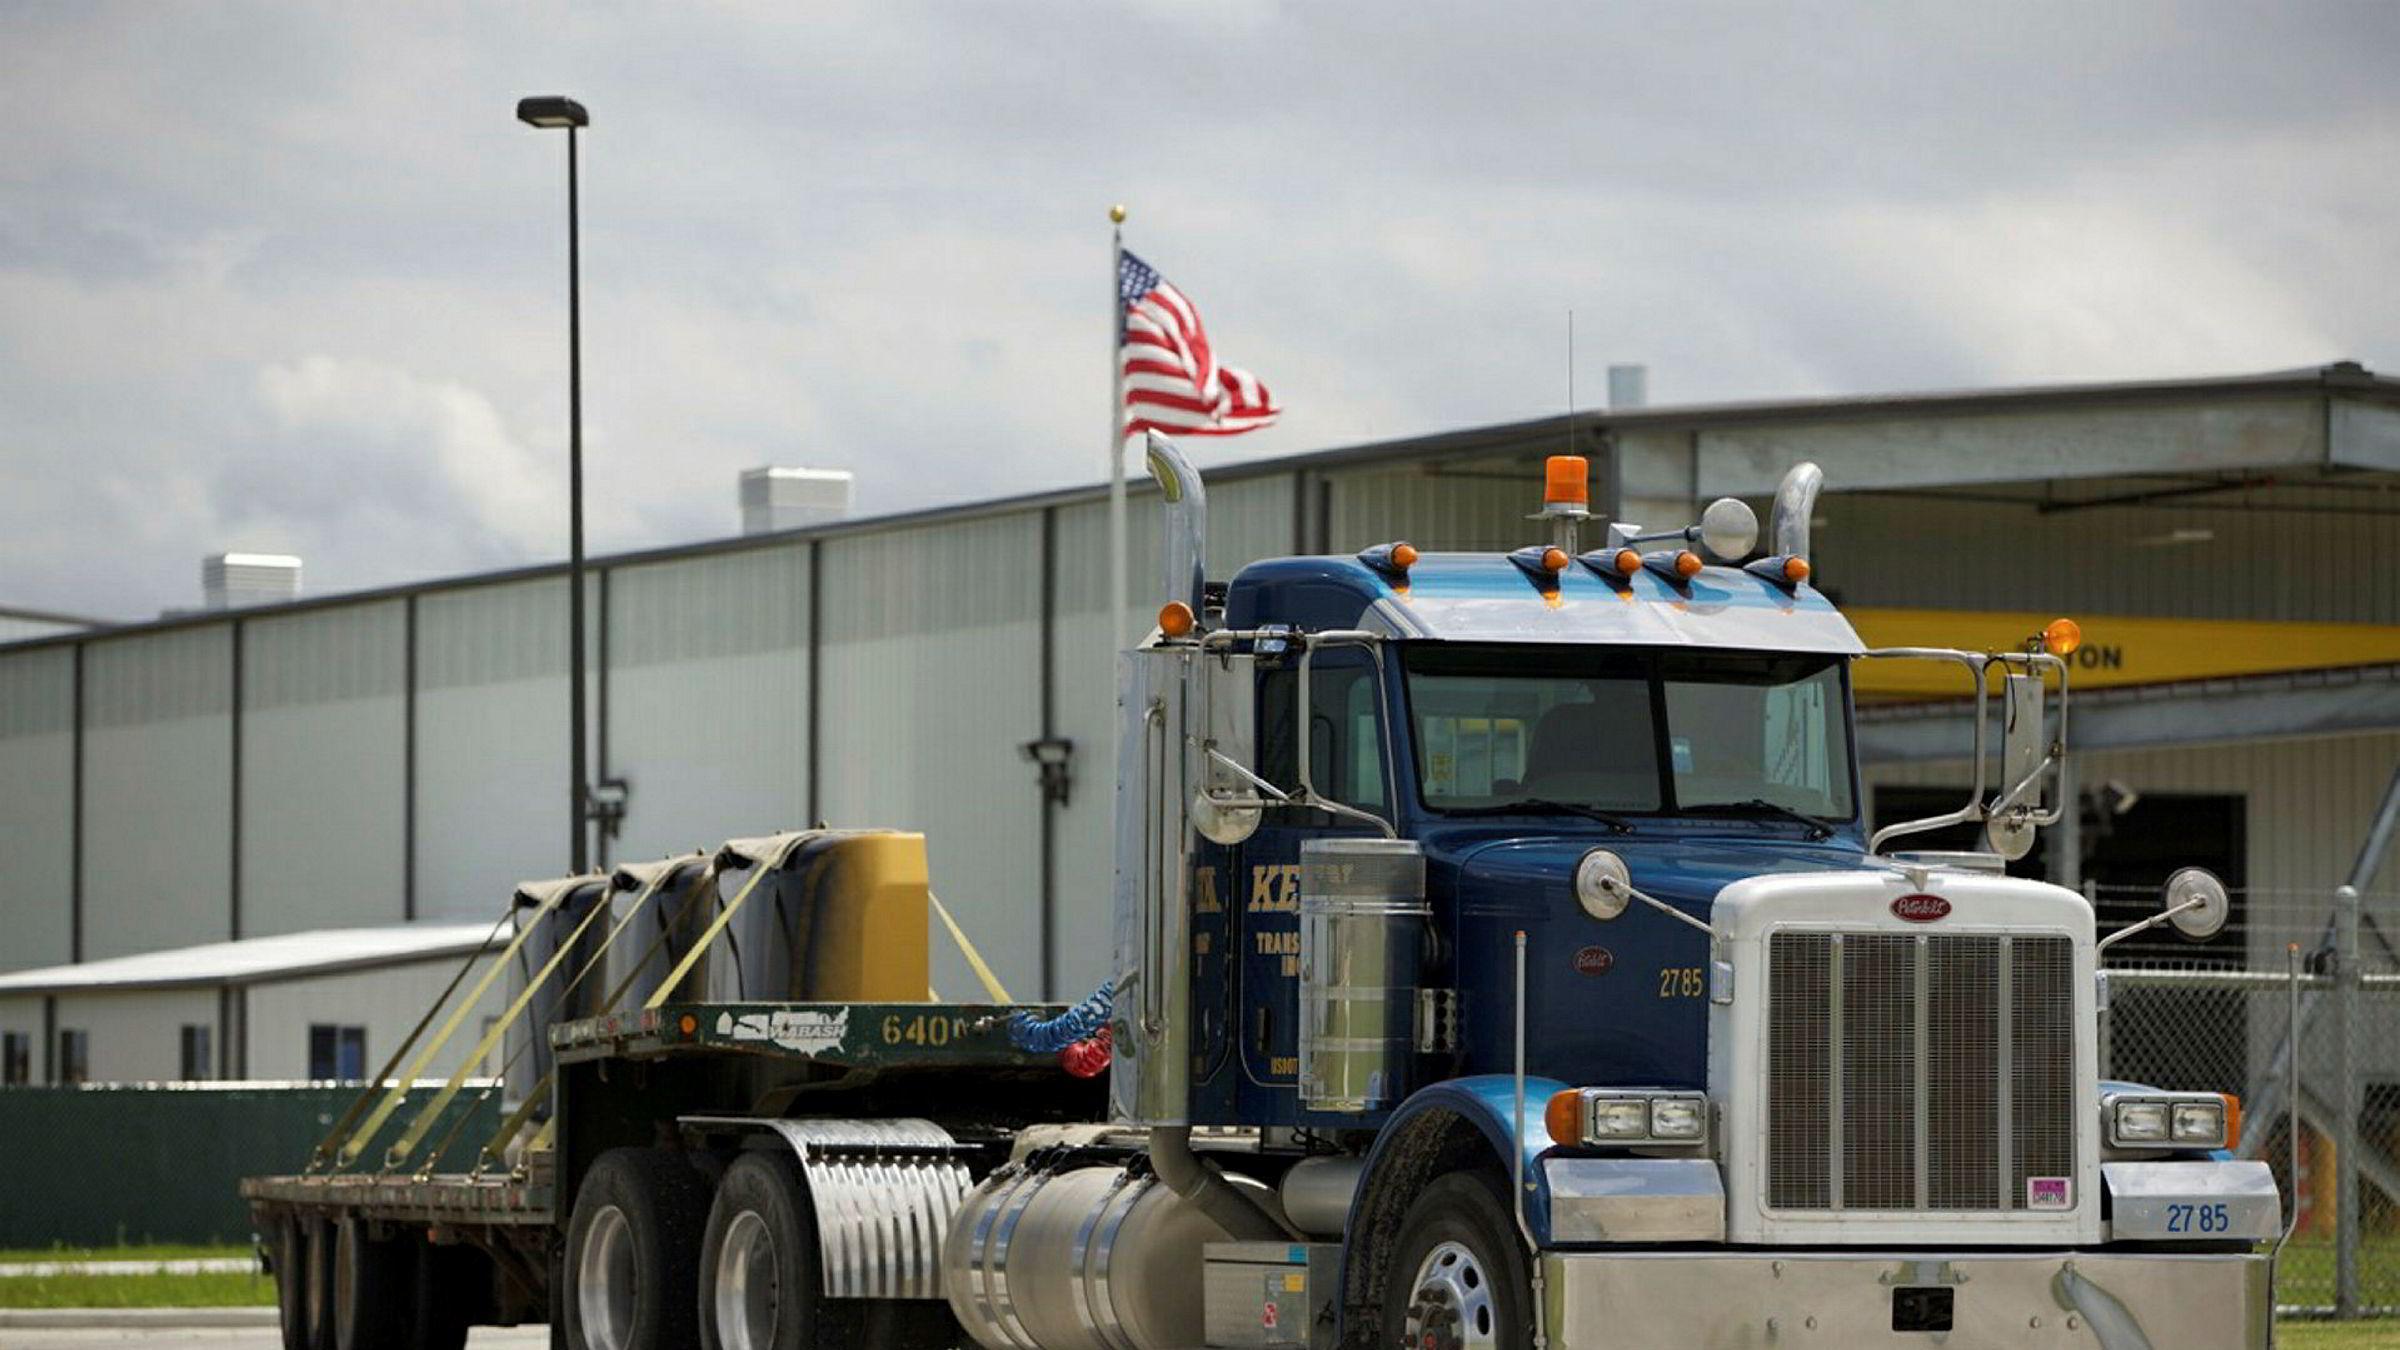 Wallenius Wilhelmsen Logistics kjøper Keen Logistics, som blant annet har spesialtrailere, som denne.